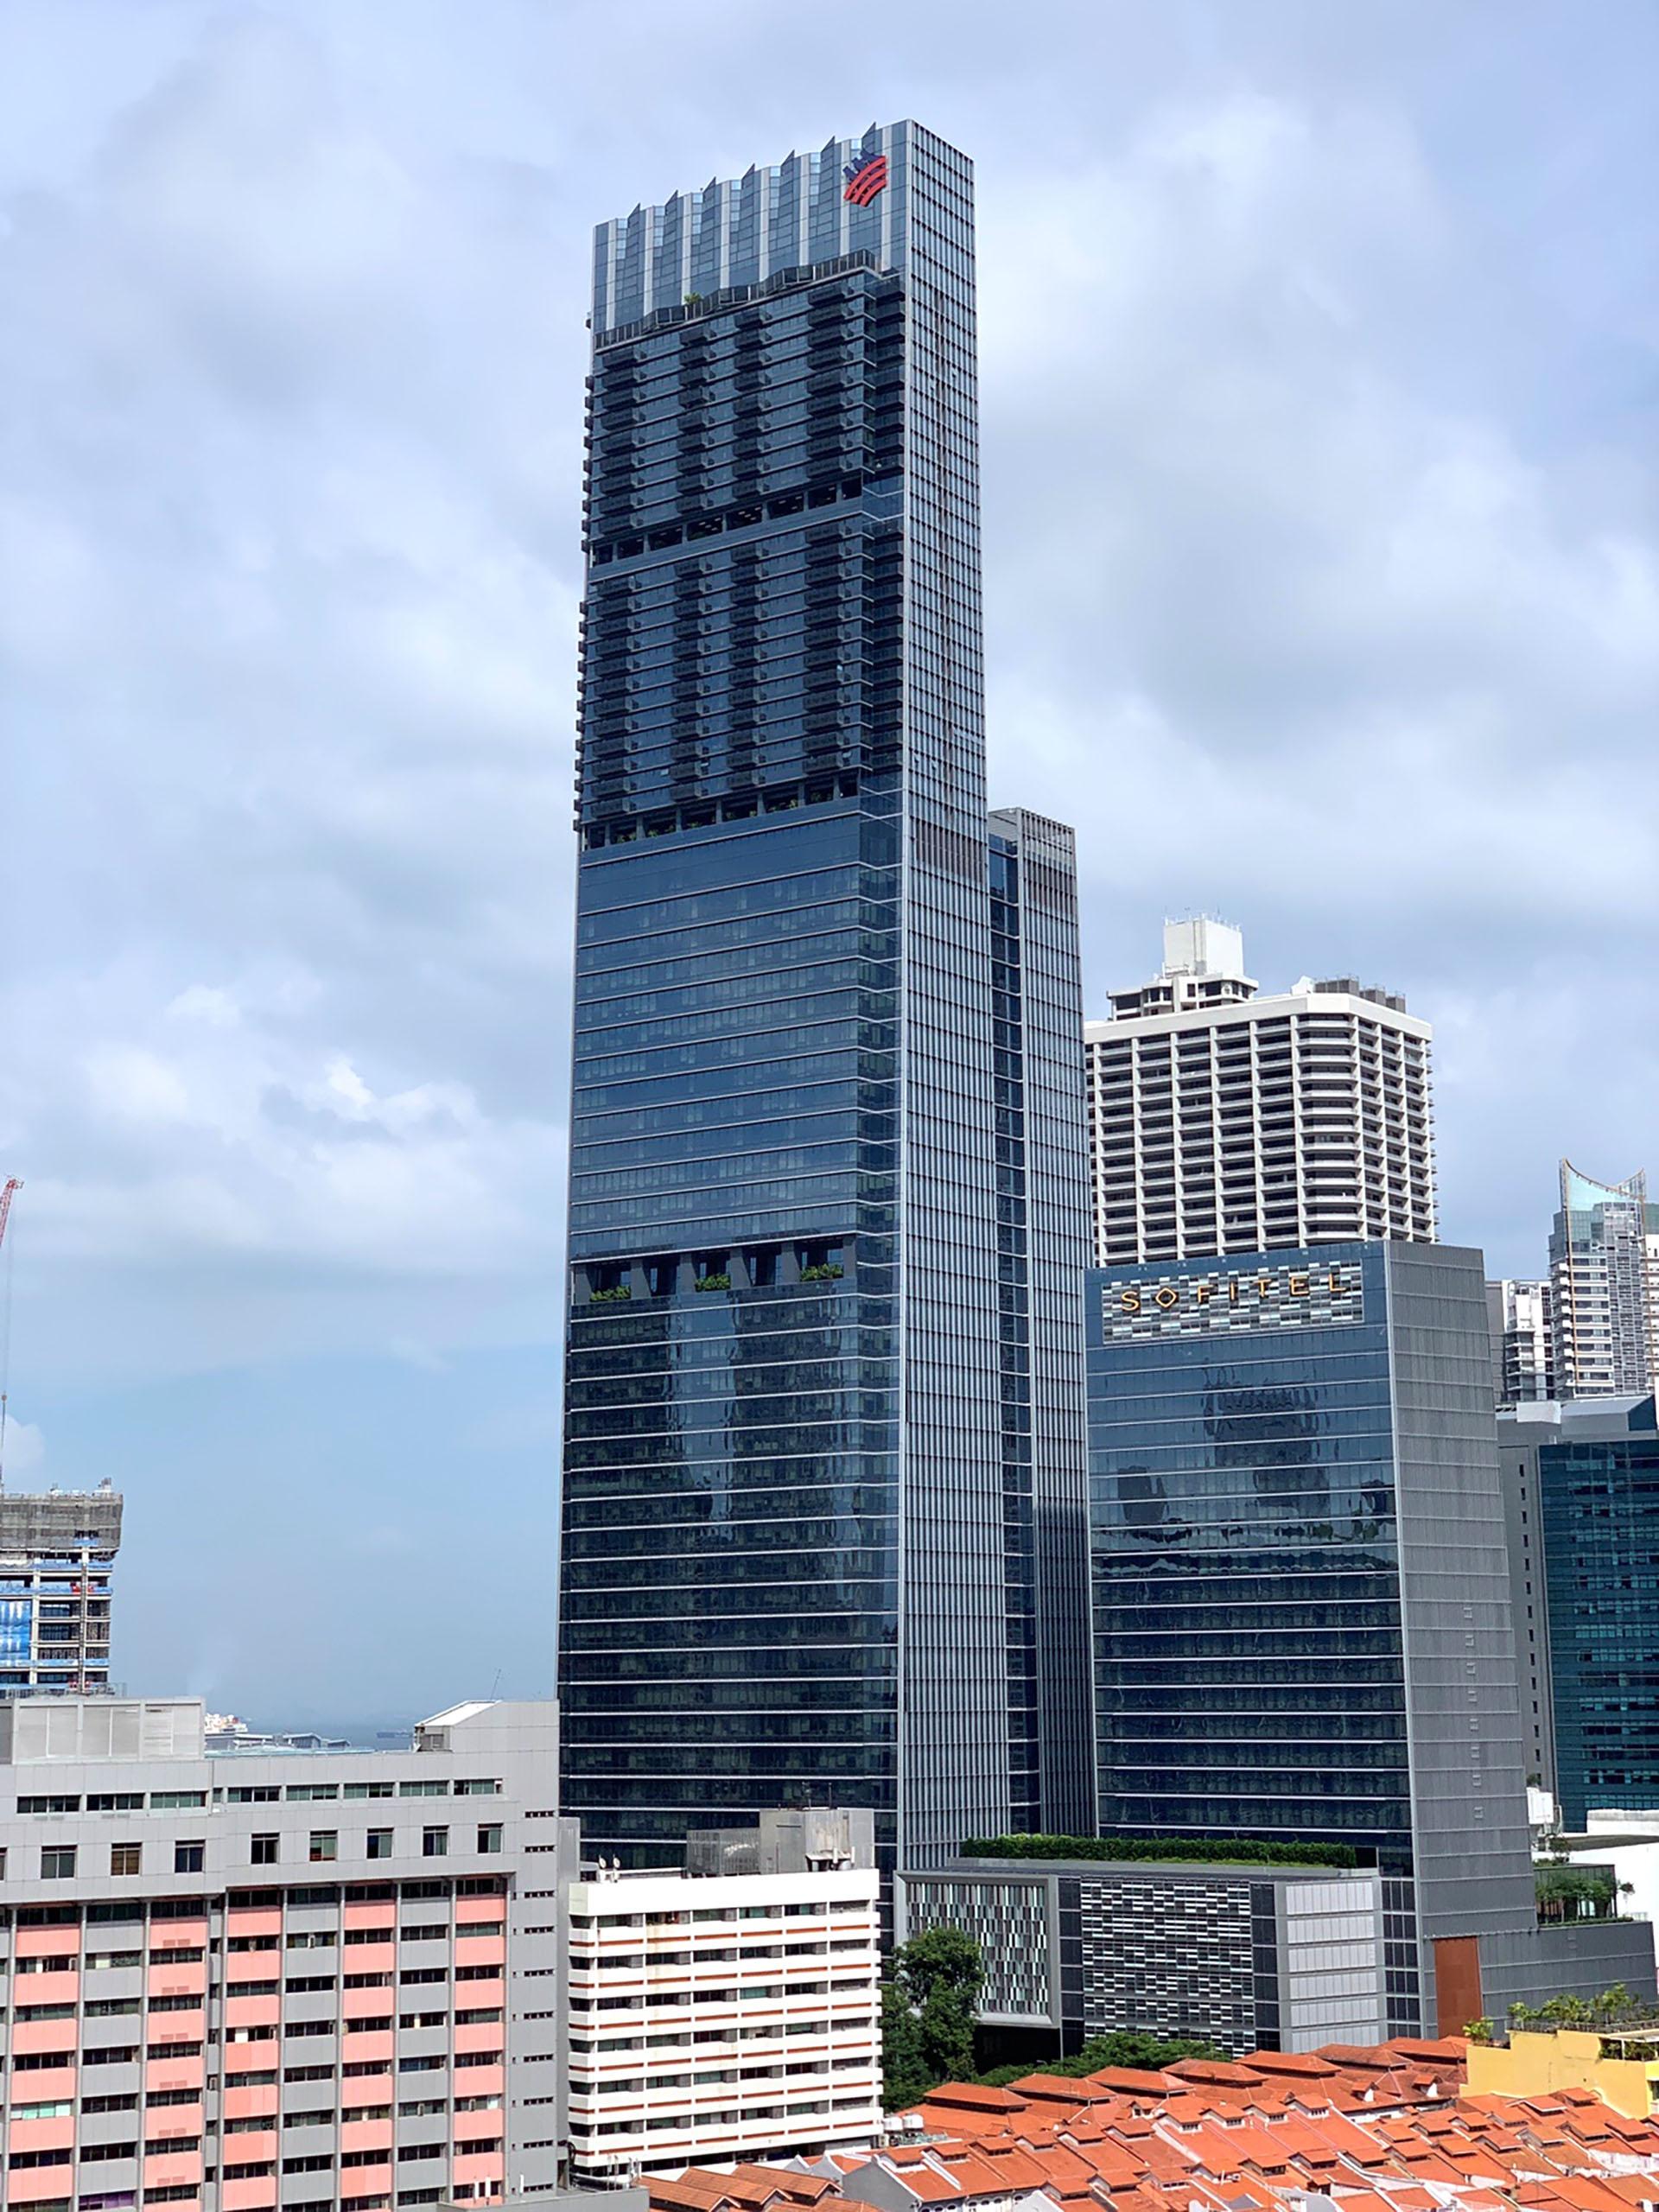 El Tanjong Pagar Centre, también conocida como Torre Guoco, es un rascacielos que empezó a construirse en 2013 y se terminó en 2016